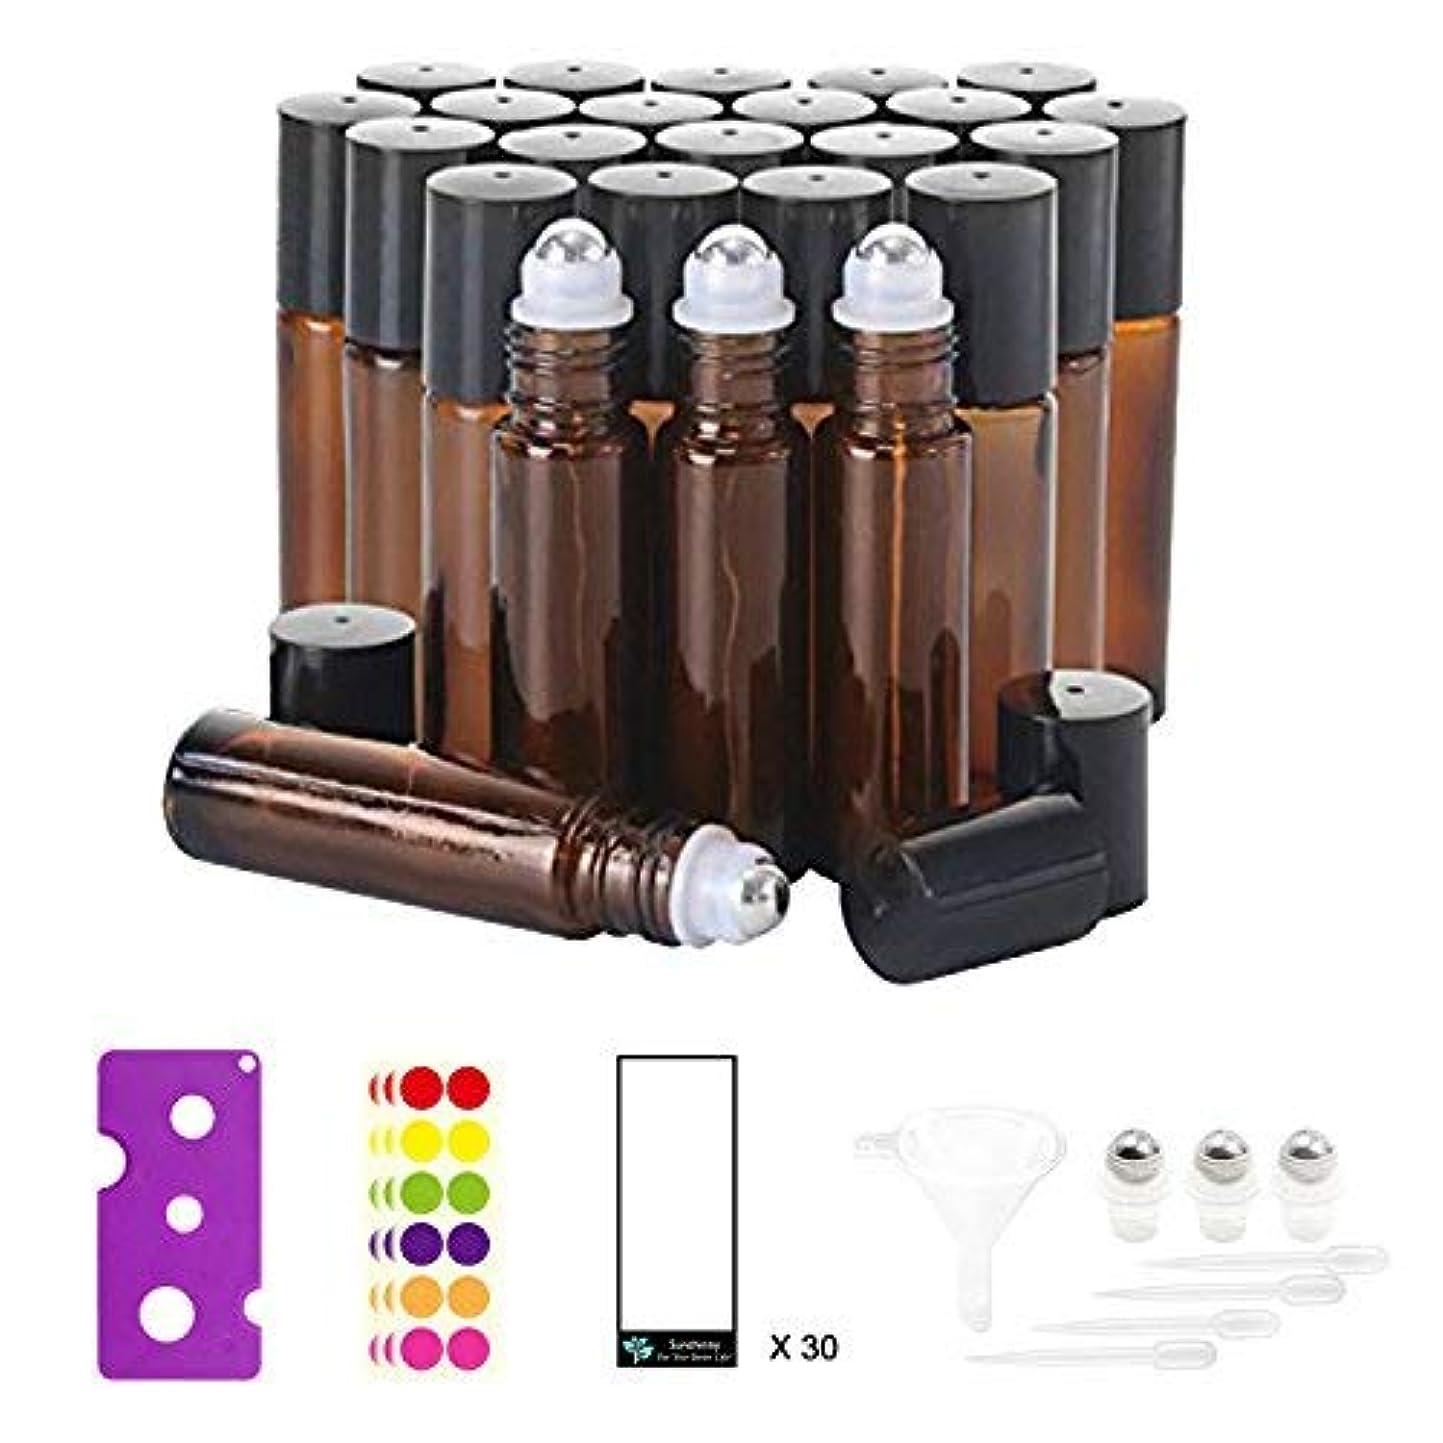 ひどく誇大妄想識別する24, 10 ml Glass Roller Bottles for Essential Oils - Amber, with Stainless Steel Roller Balls (3 Extra Roller Balls...